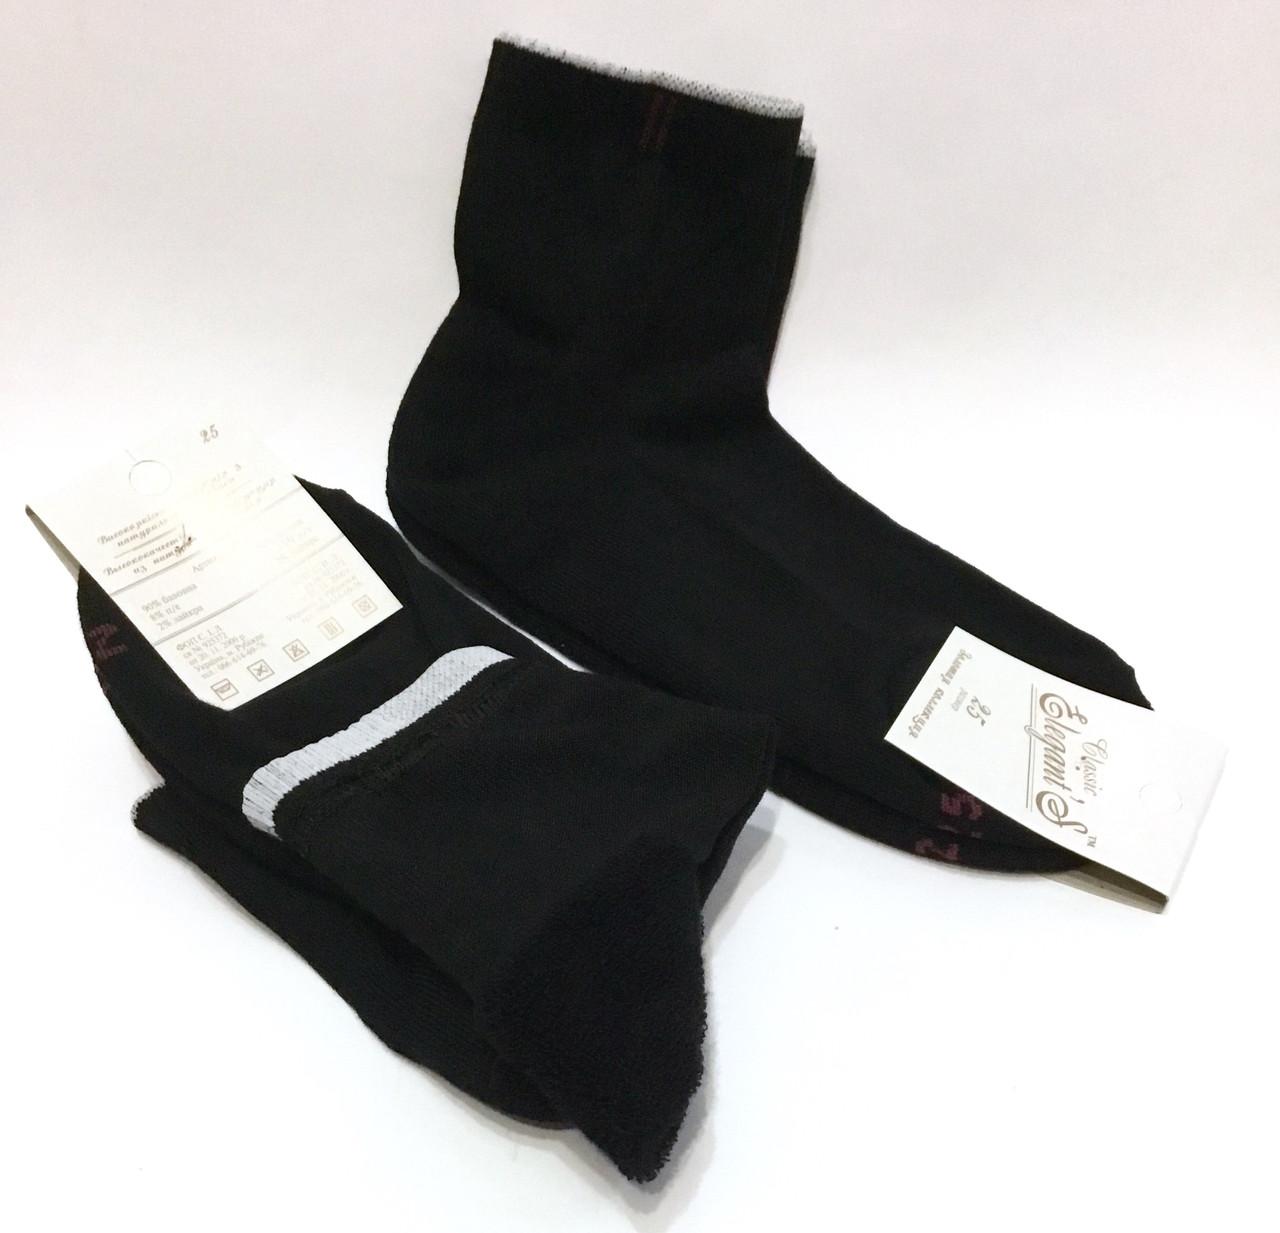 Носки мужские Elegant, махровый след, 25